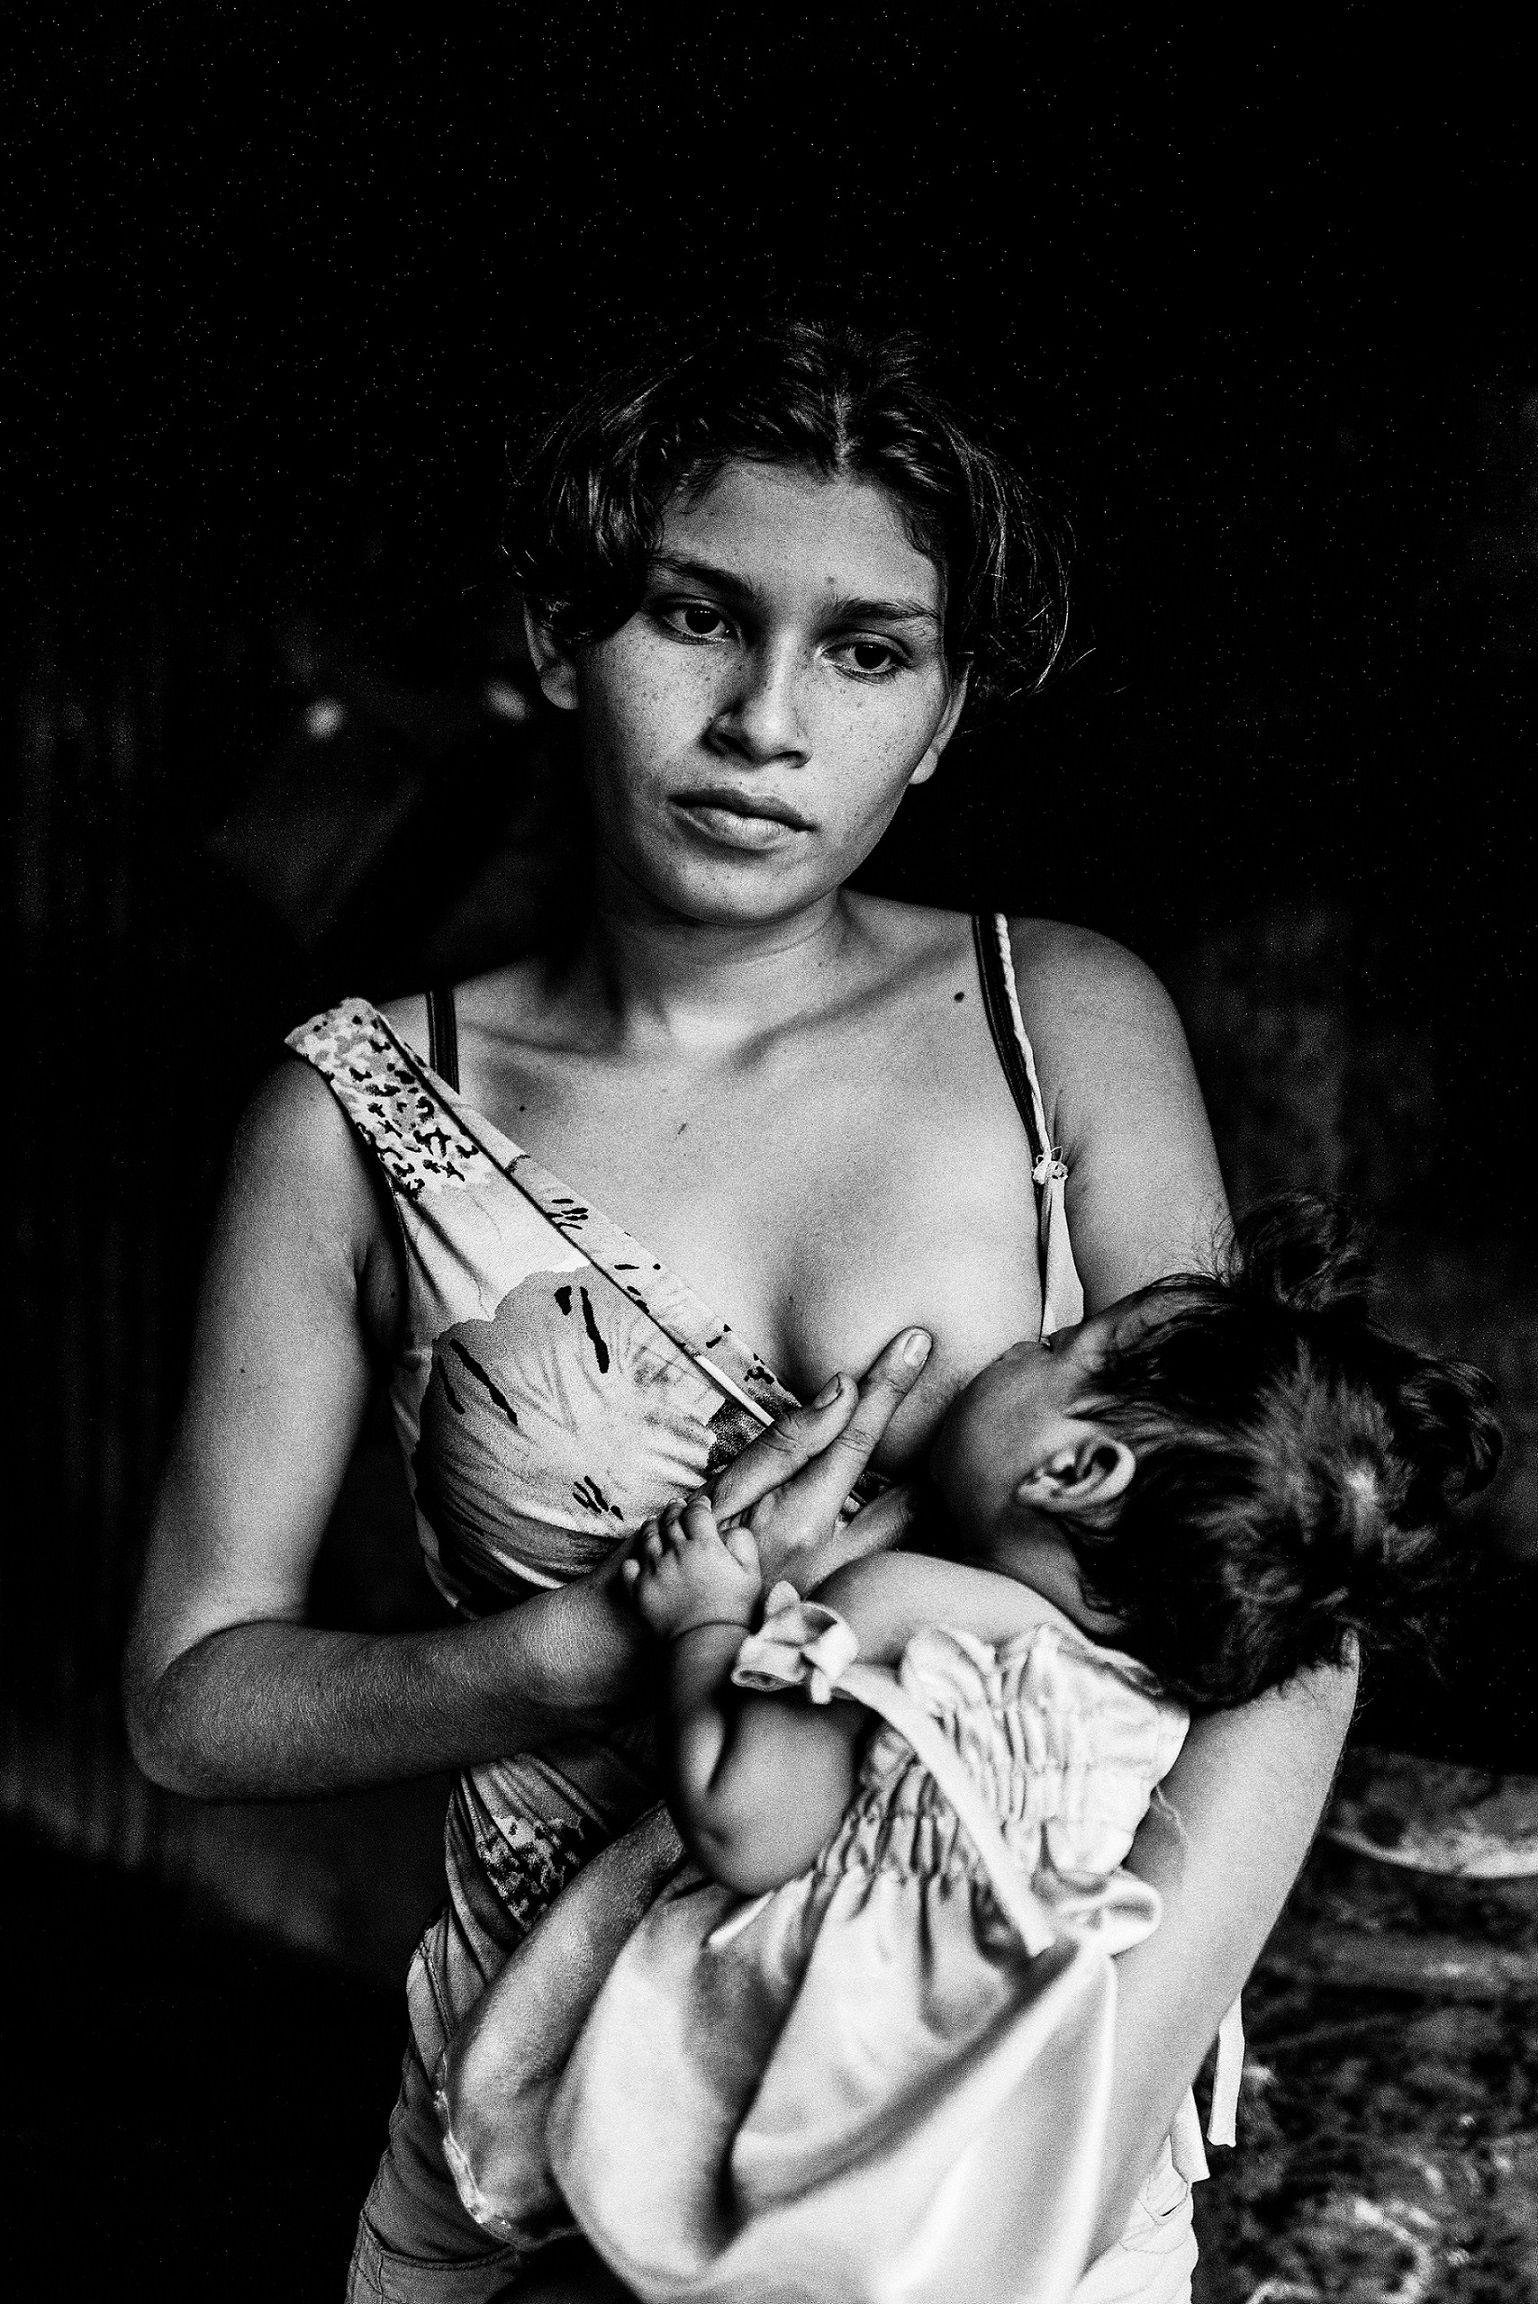 Portrét ( V Nikaragui jsou děti matkami)  Těhotná děvčata reprodukují cyklus chudoby, protože se staly matkami předtím, než se staly biologicky zralými. Trpí chronickou podvýživou a rodí se jim děti snízkou porodní hmotností. 47 procent znich jsou teenageři bez základního vzdělání.